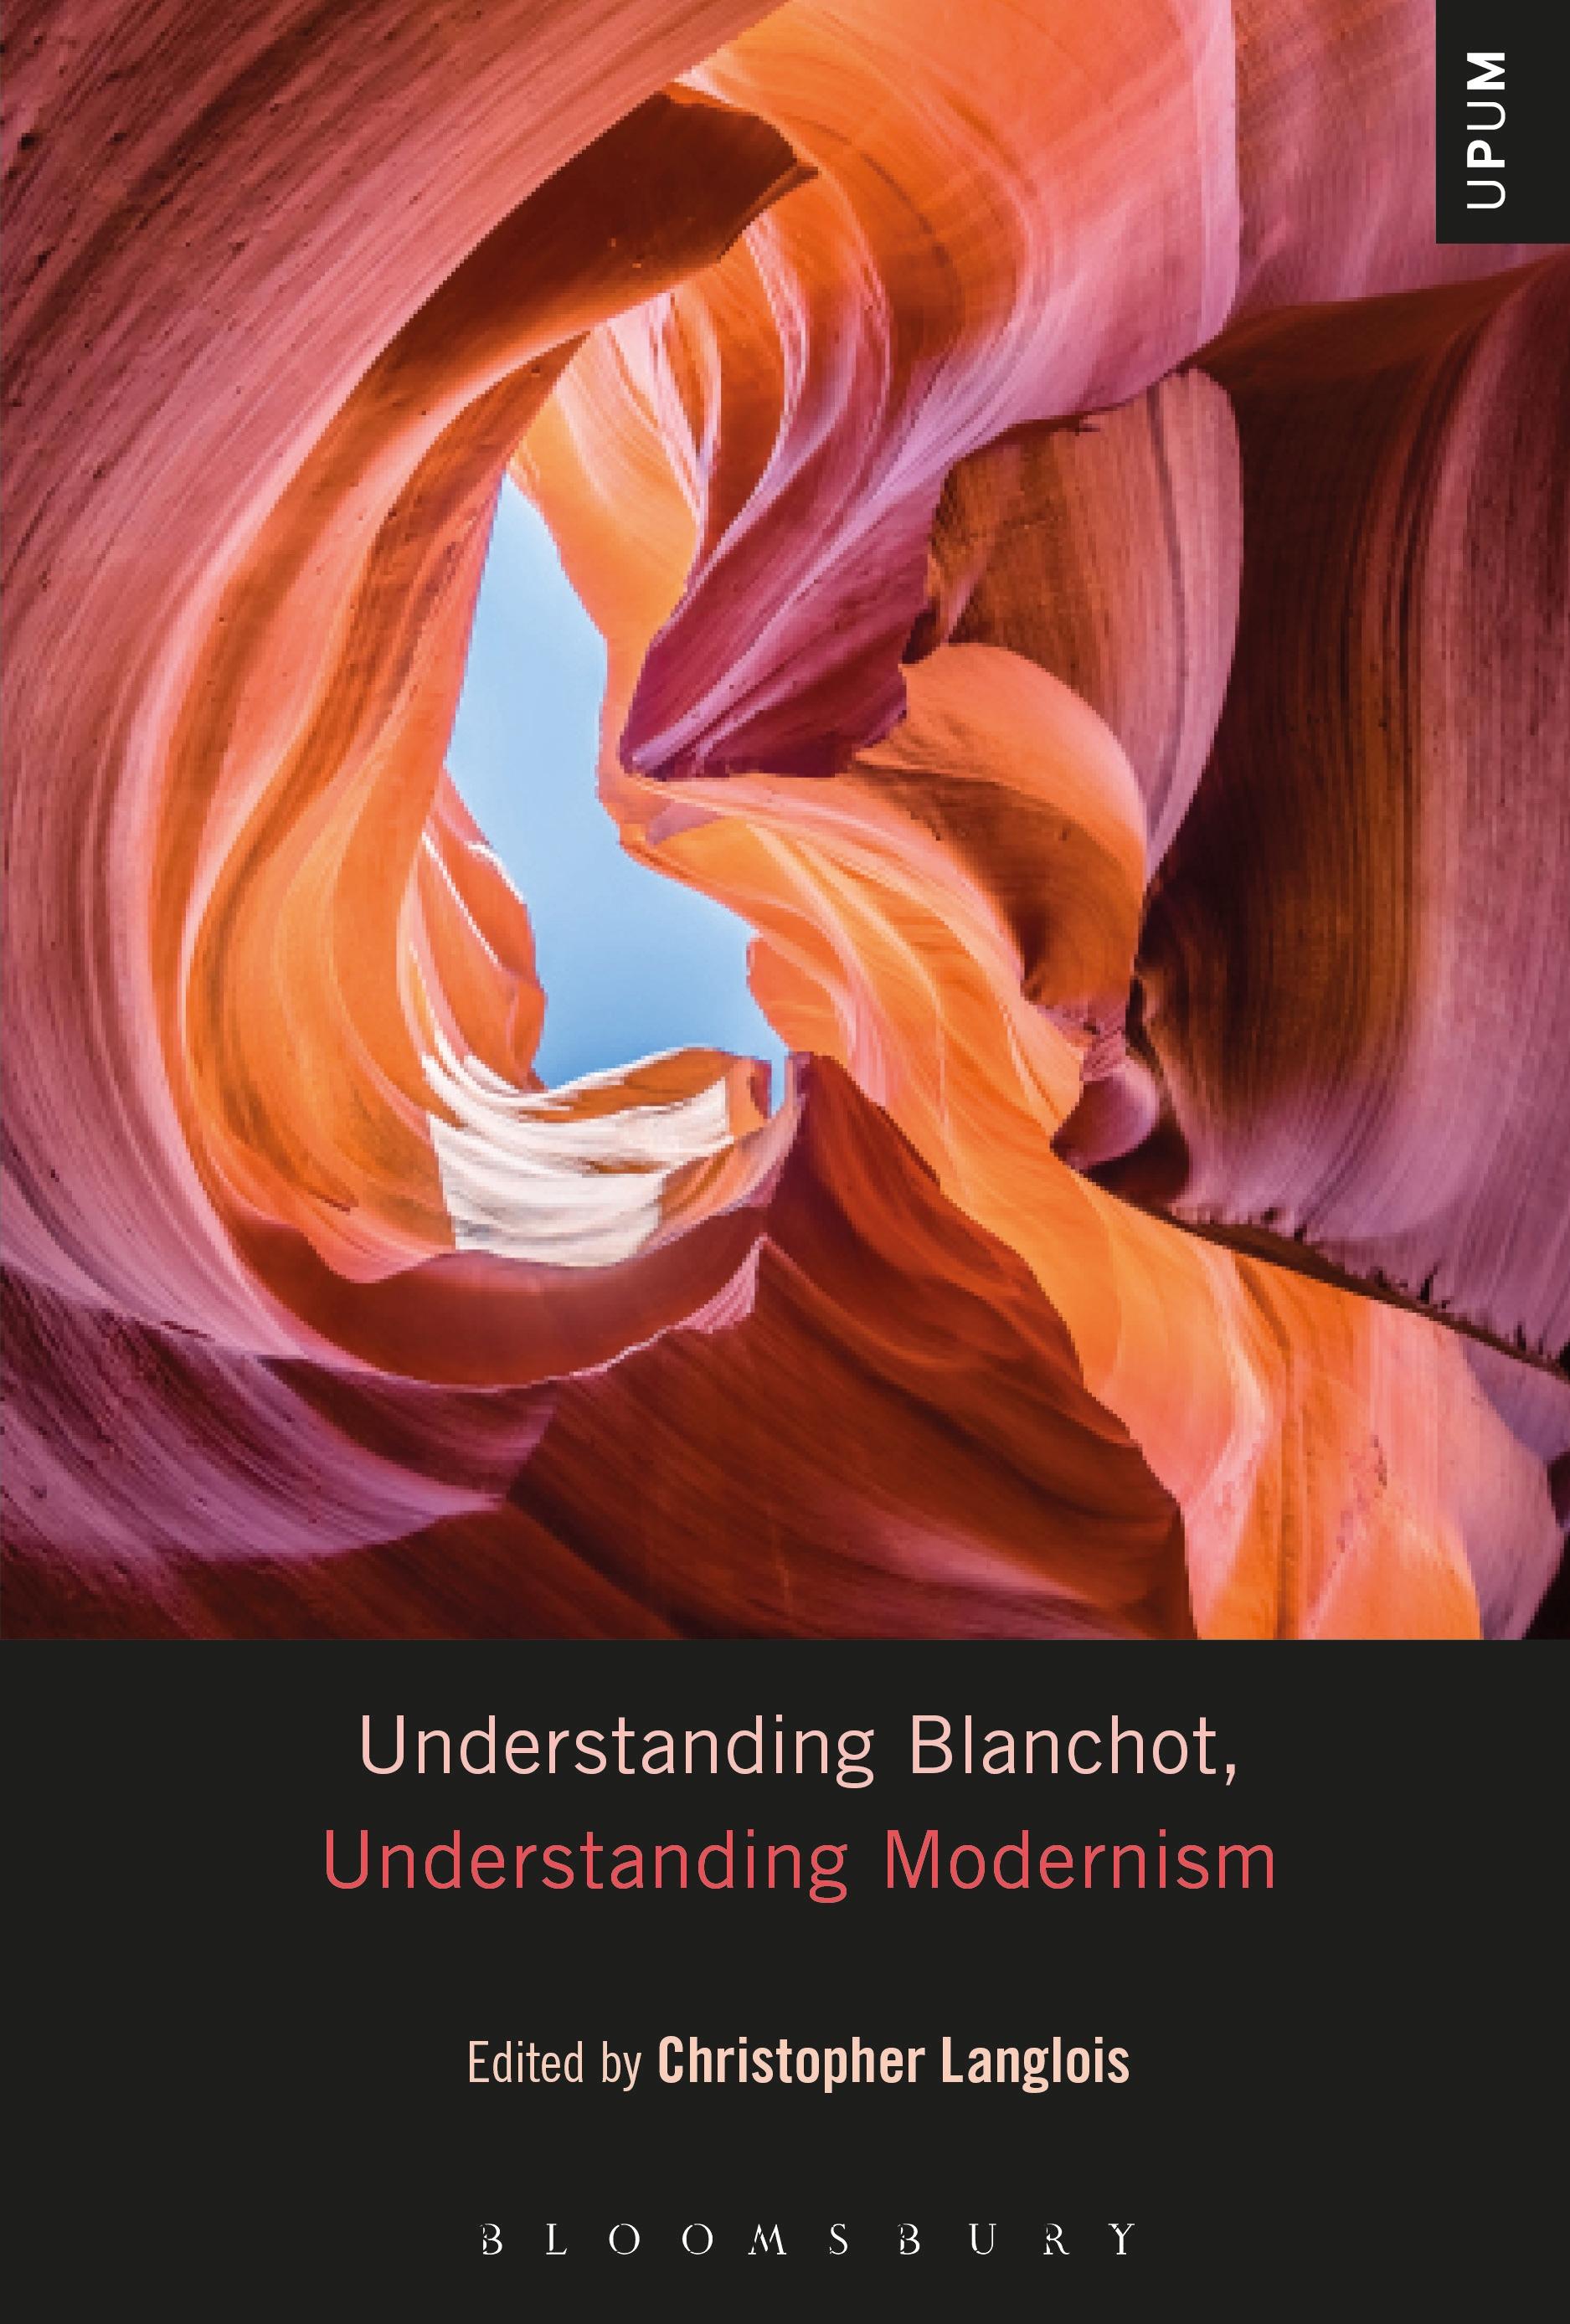 Understanding Blanchot 9781501331398